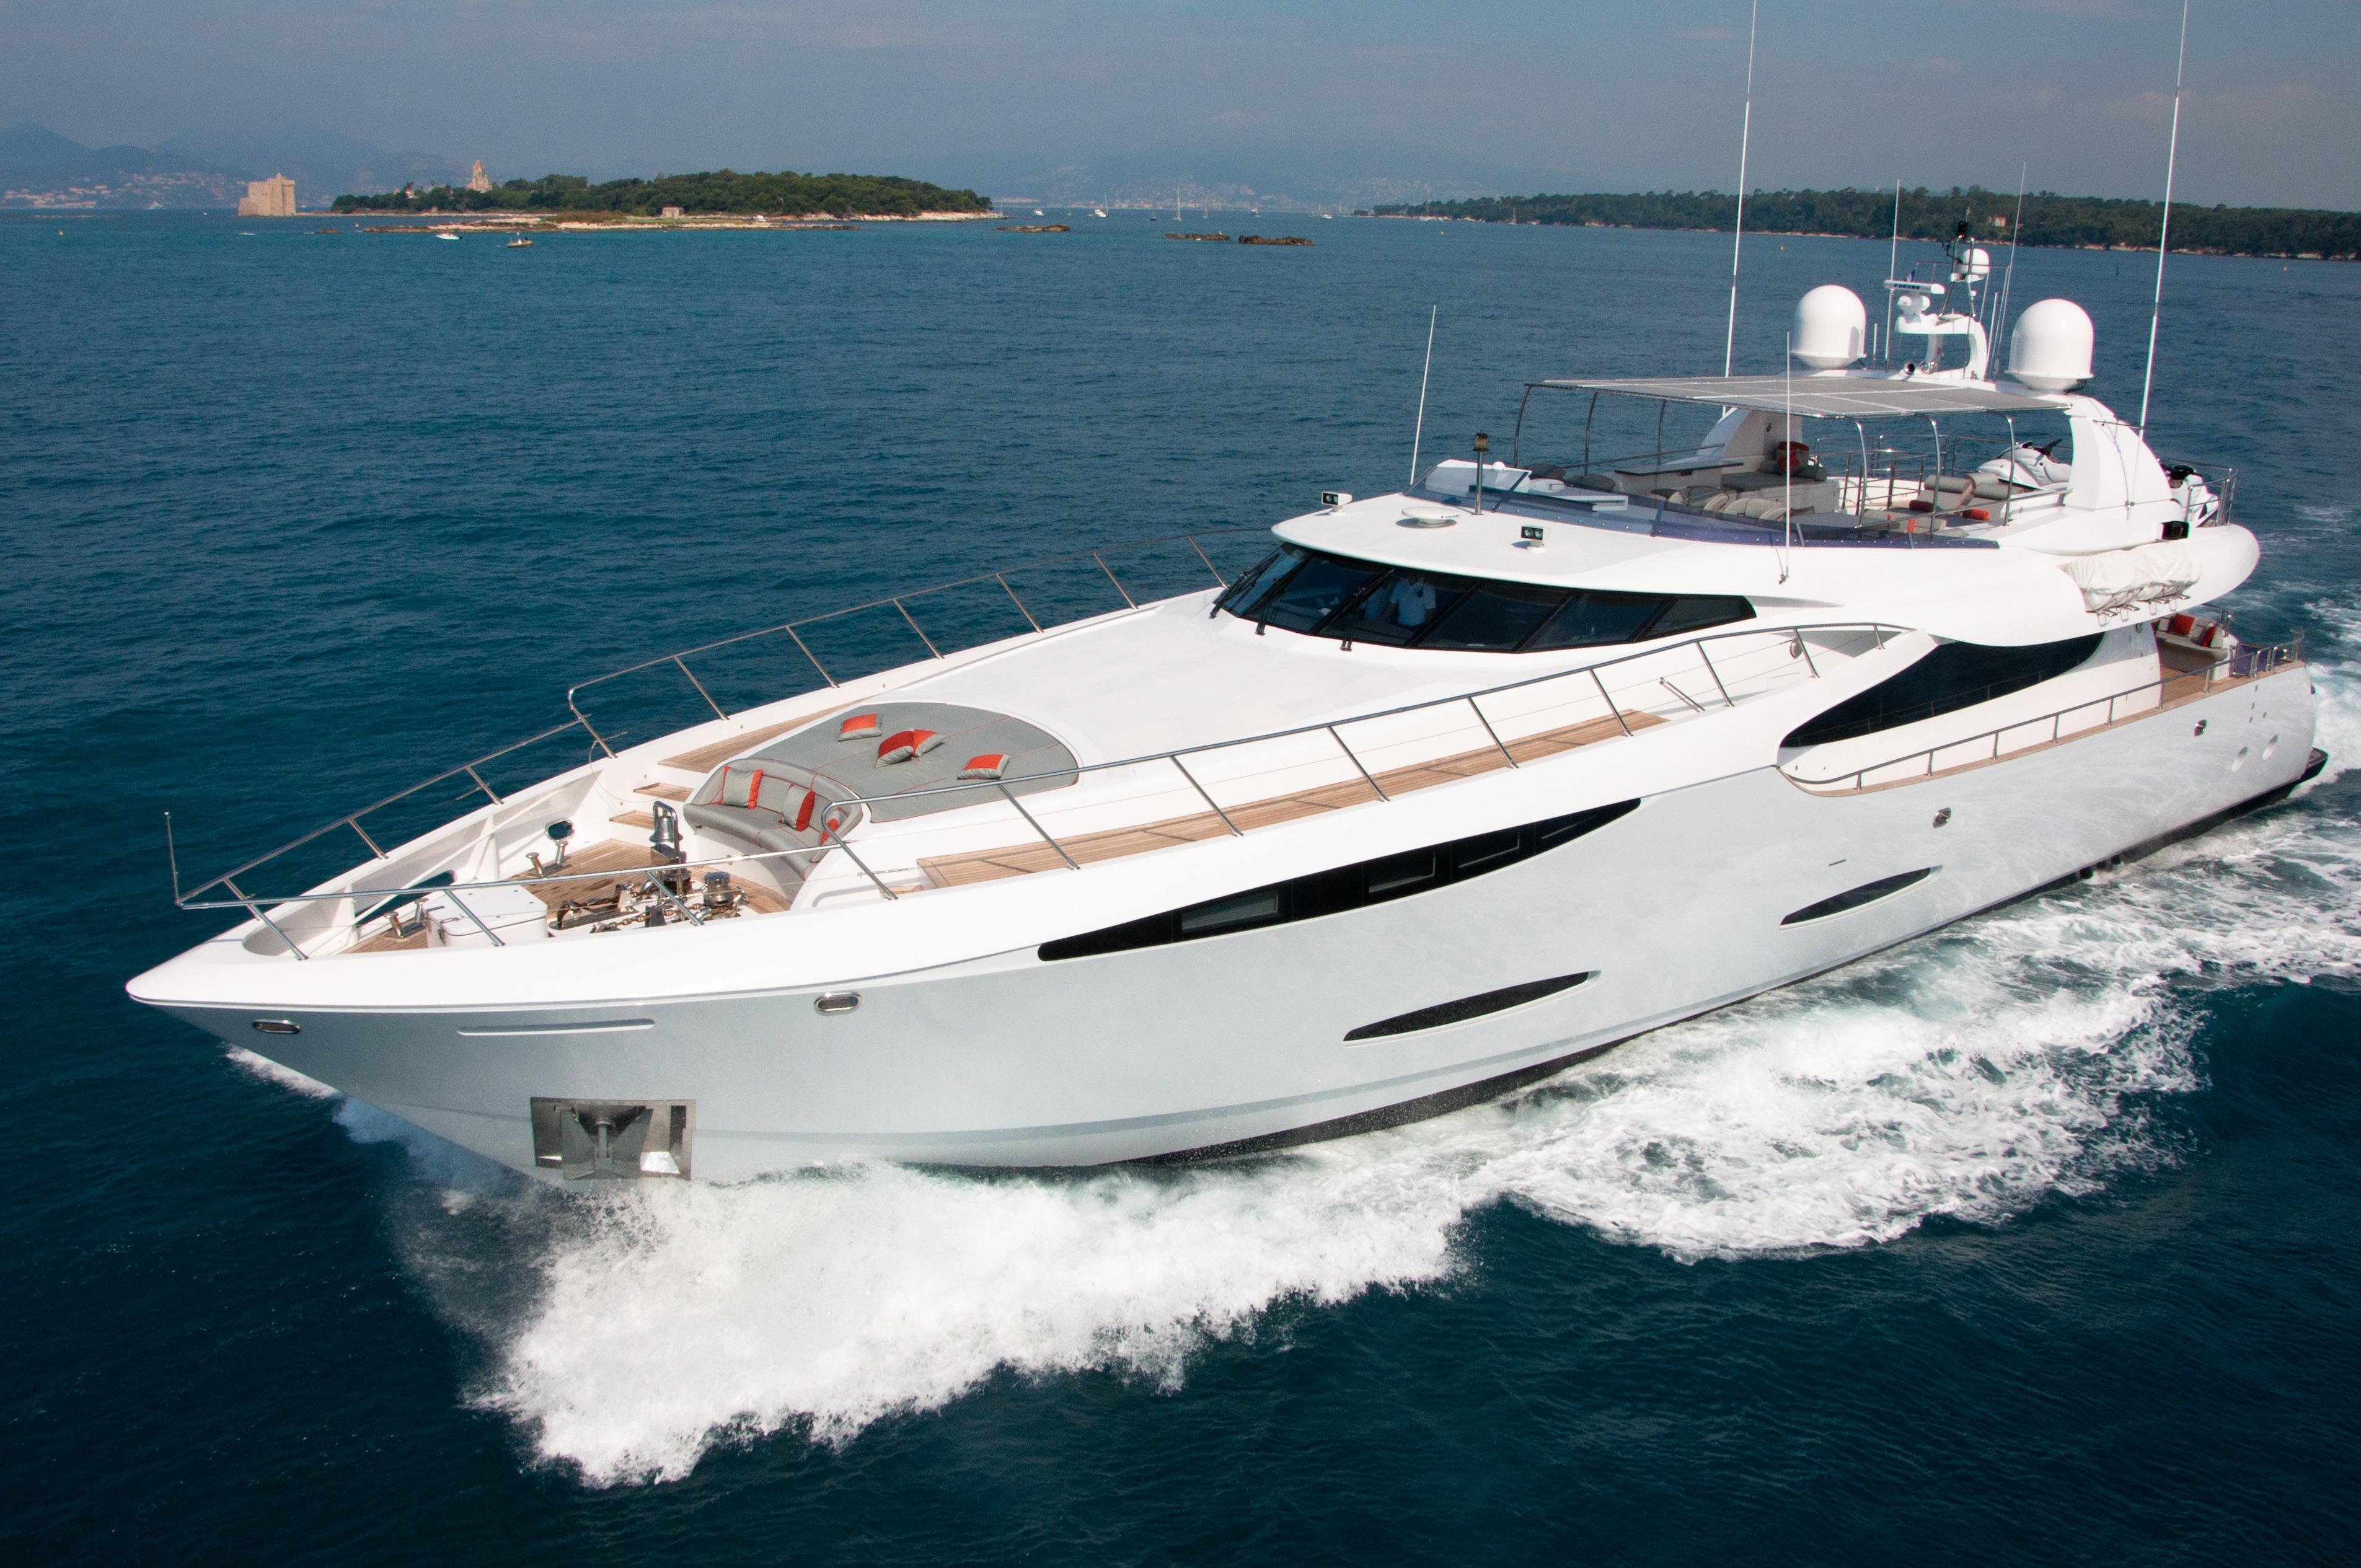 Gems at Sea - Leight Notika motor yacht